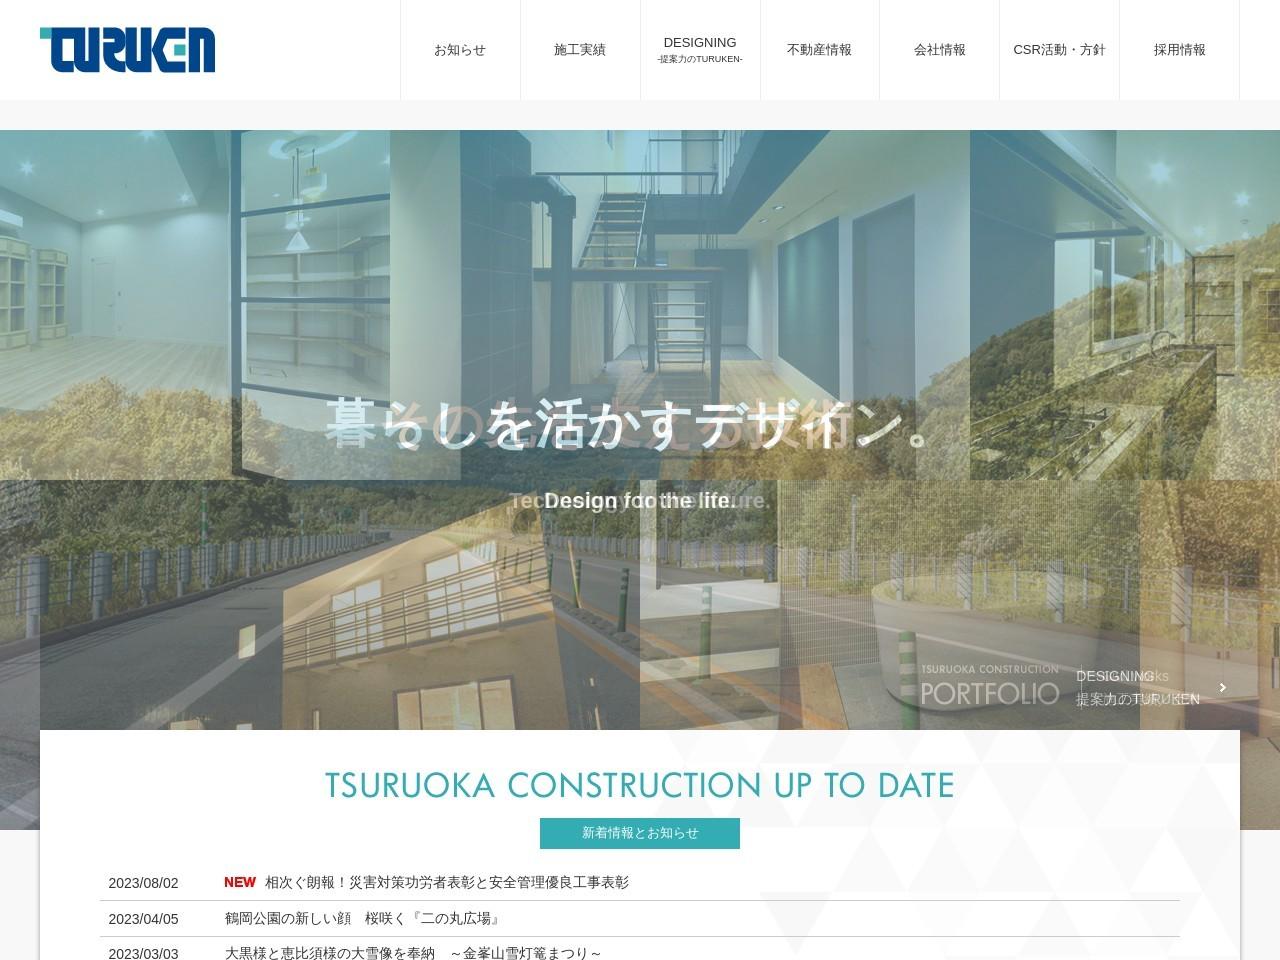 鶴岡建設株式会社